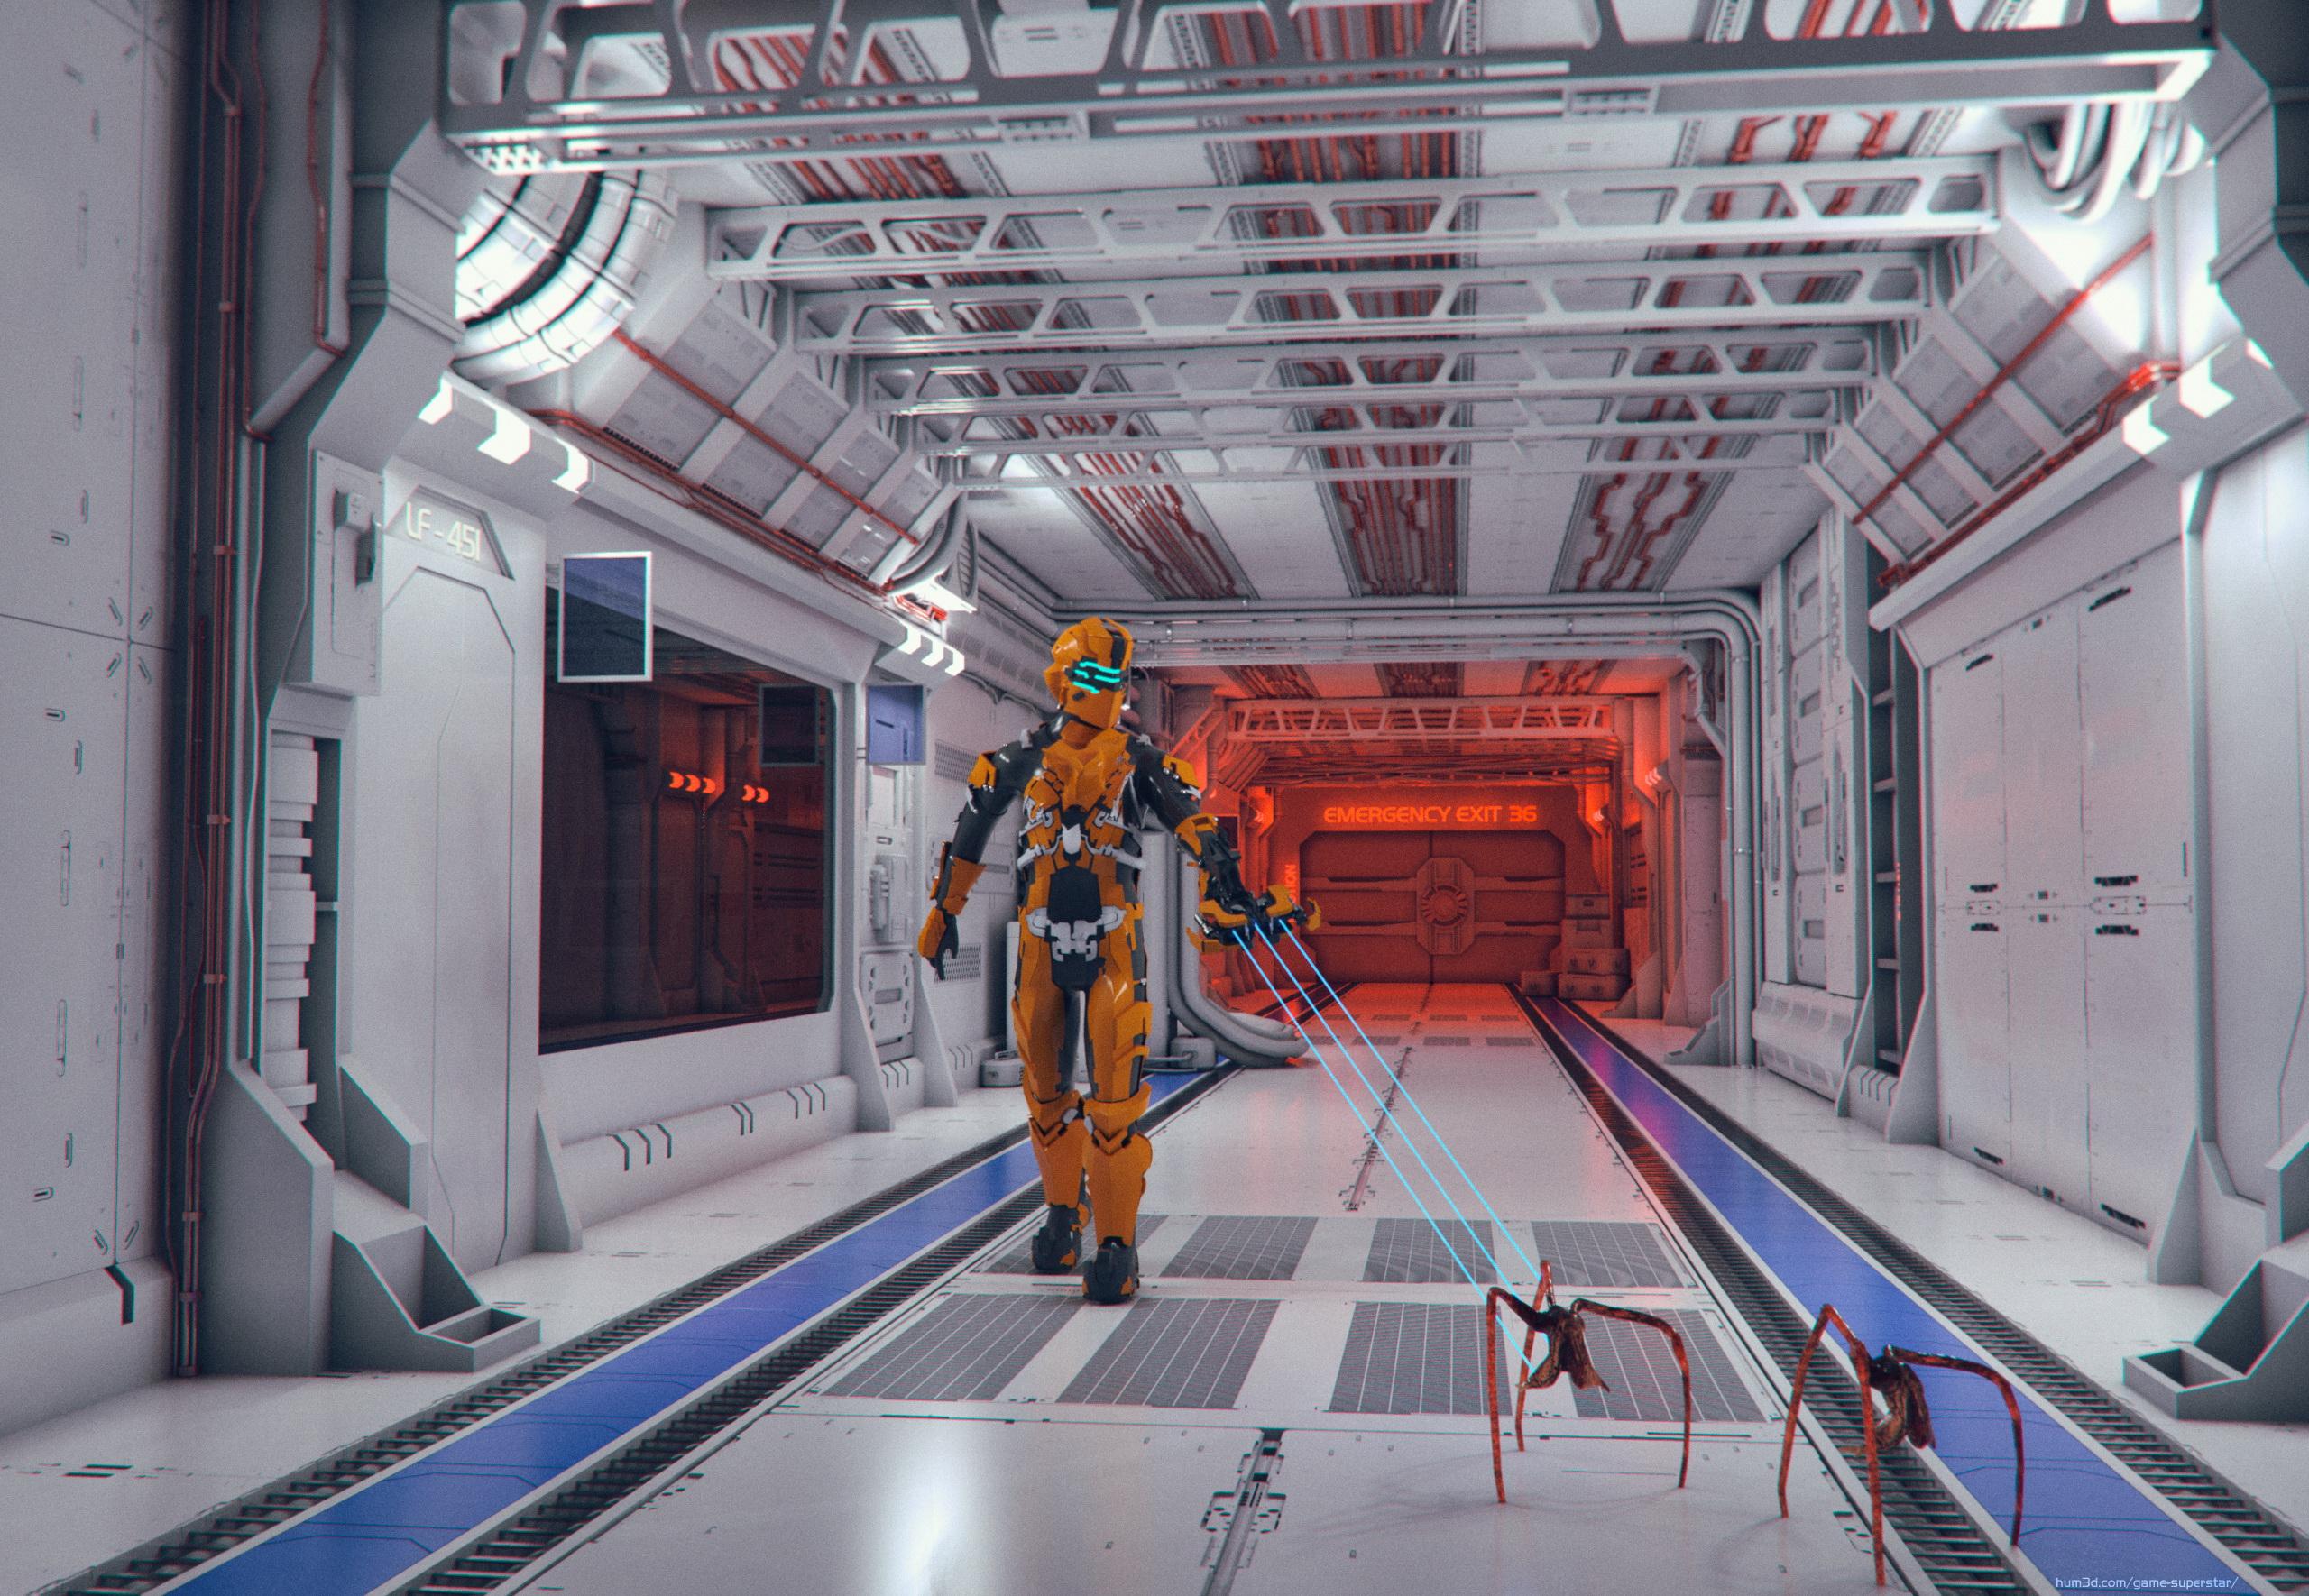 Pest Control - Dead Space 3d art